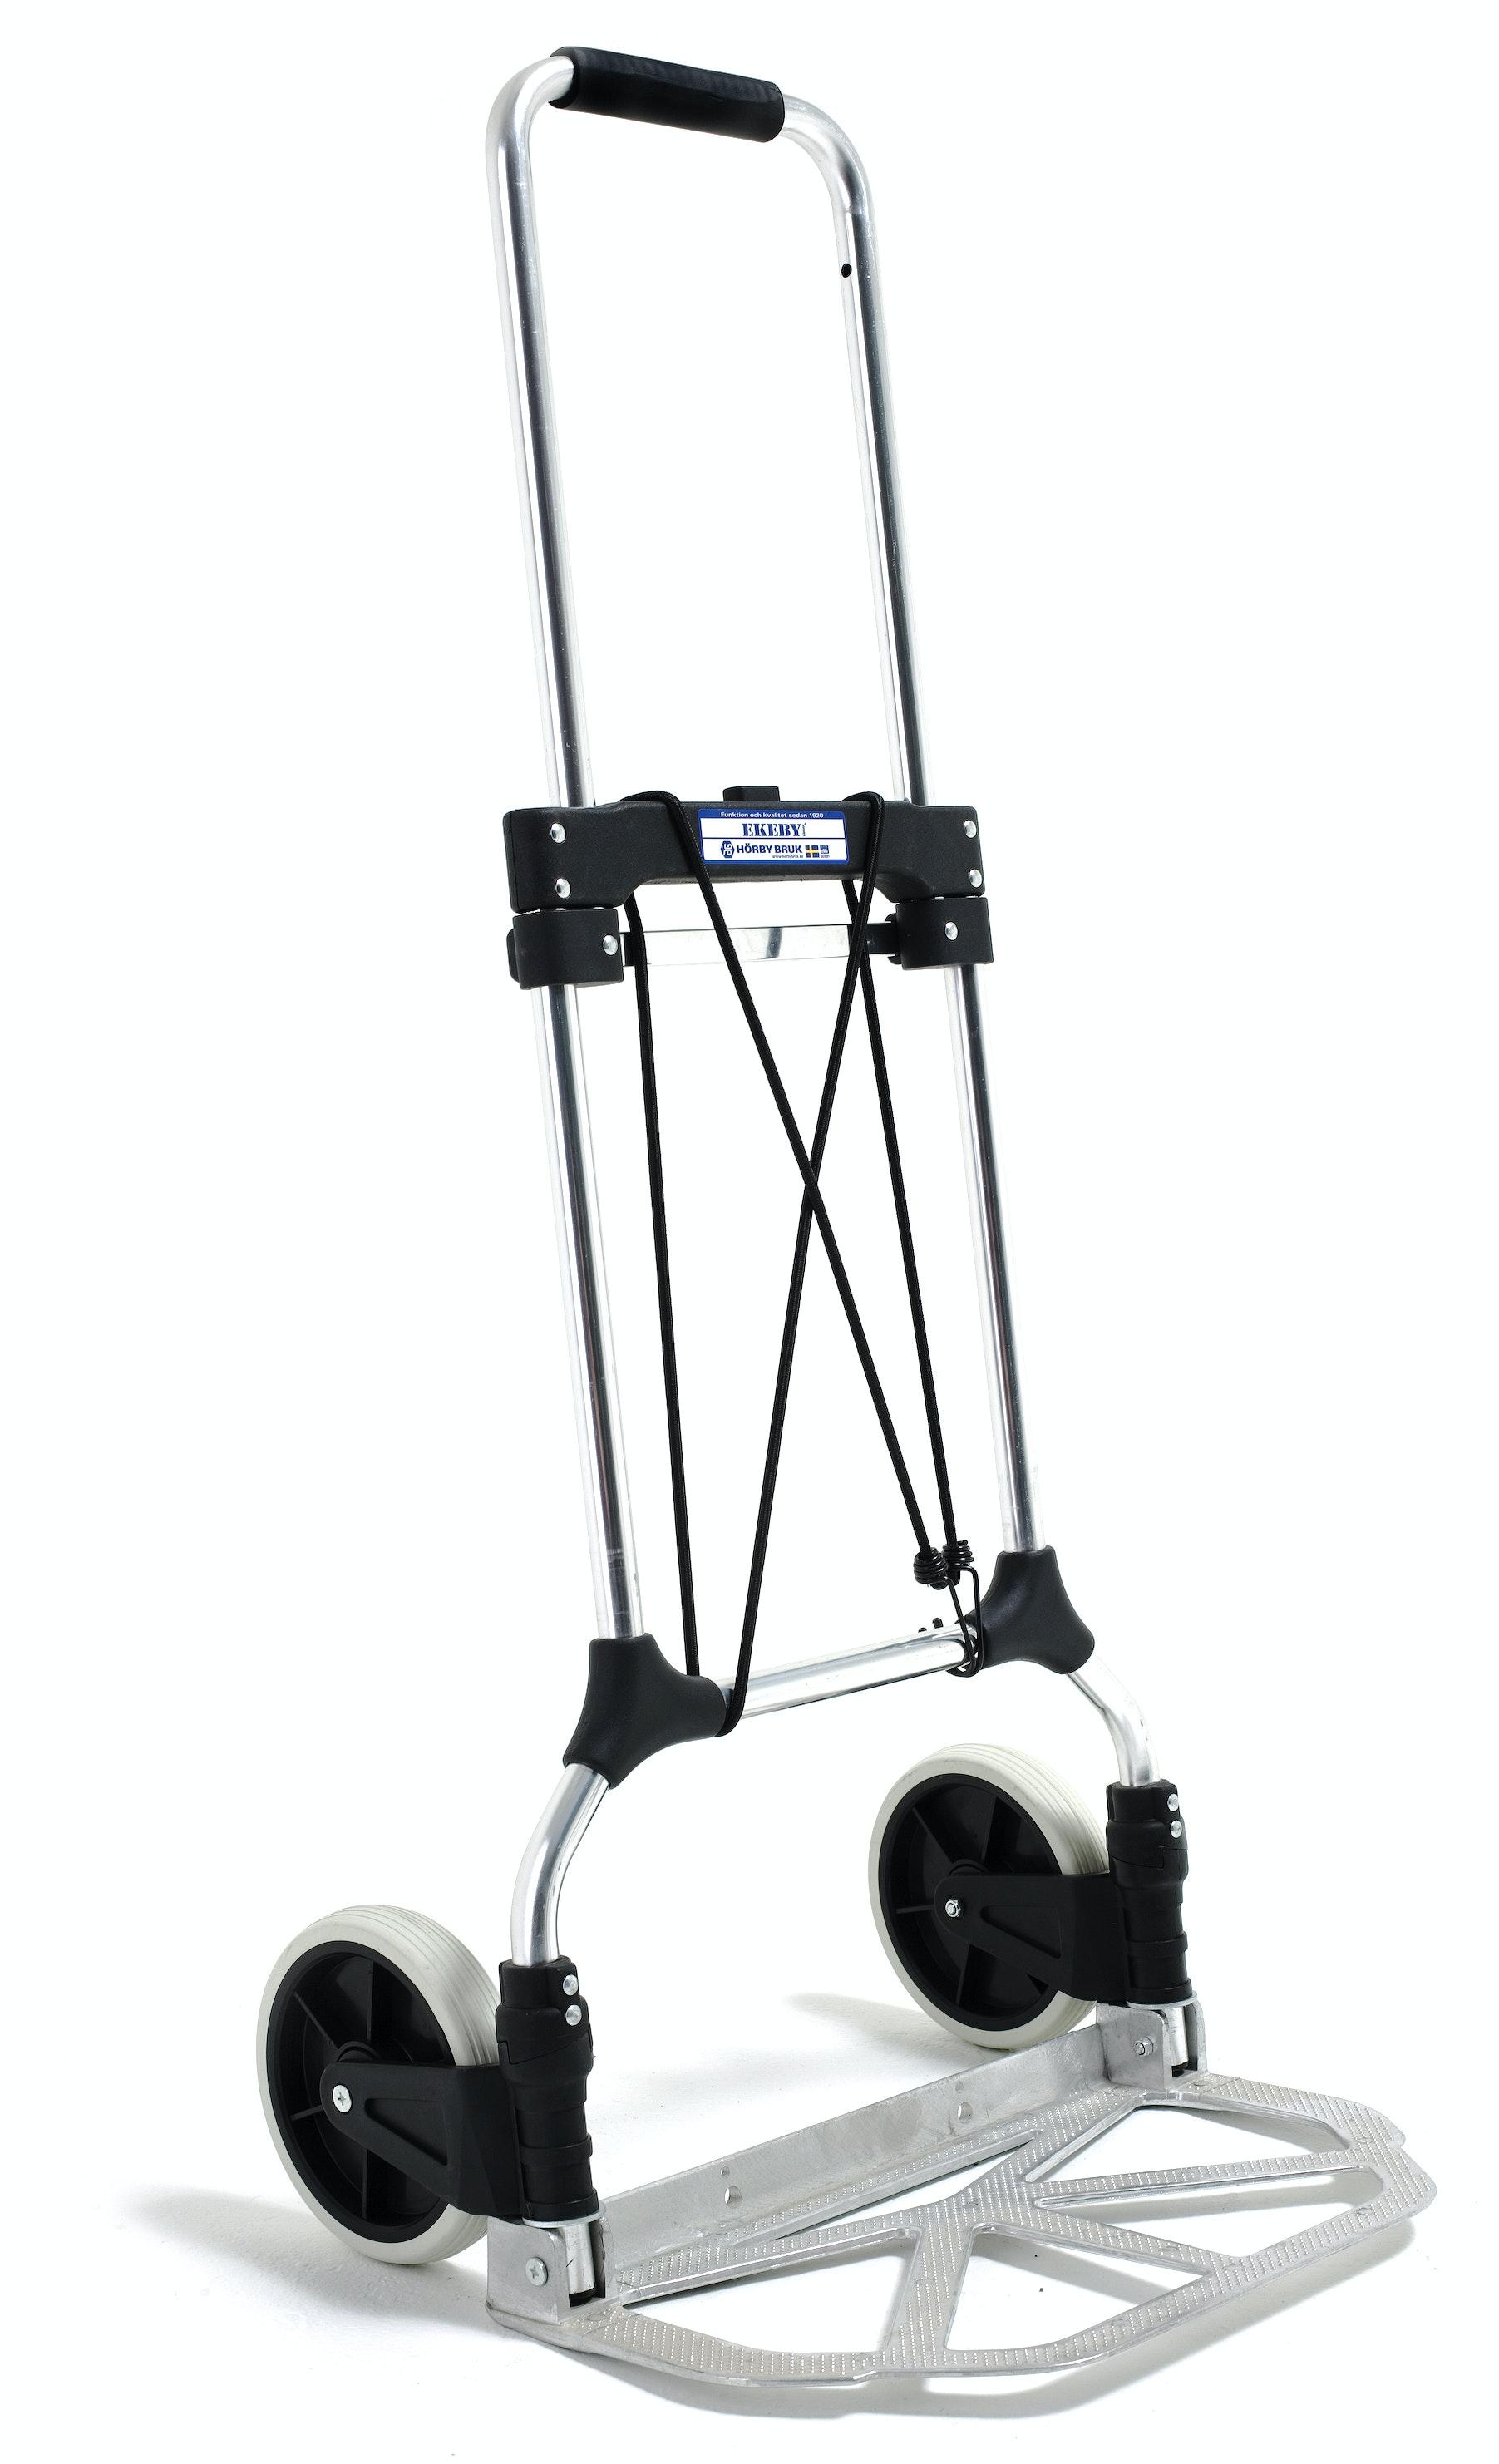 Bagagekärra Hörby bruk Ekeby Handy Flex 75 kg 2320